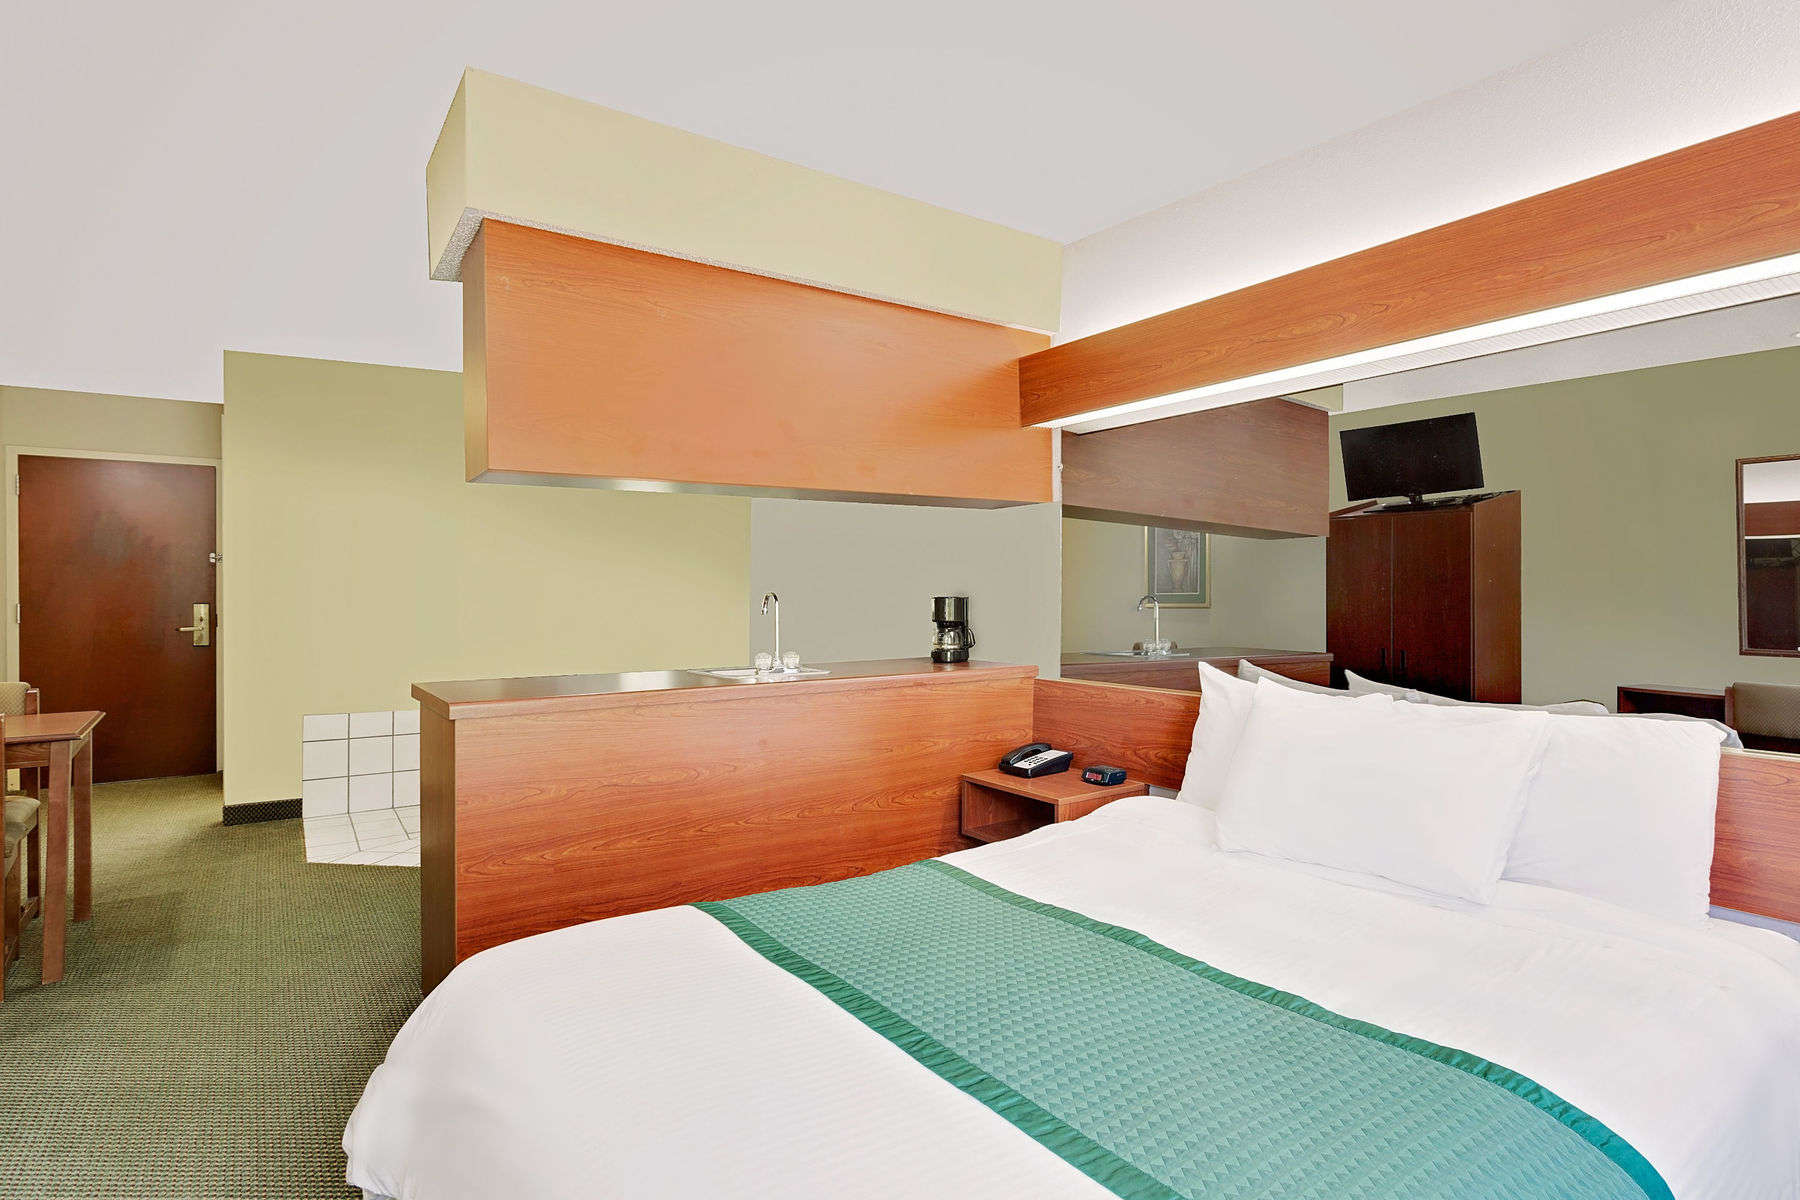 29214_guest_room_12.jpg